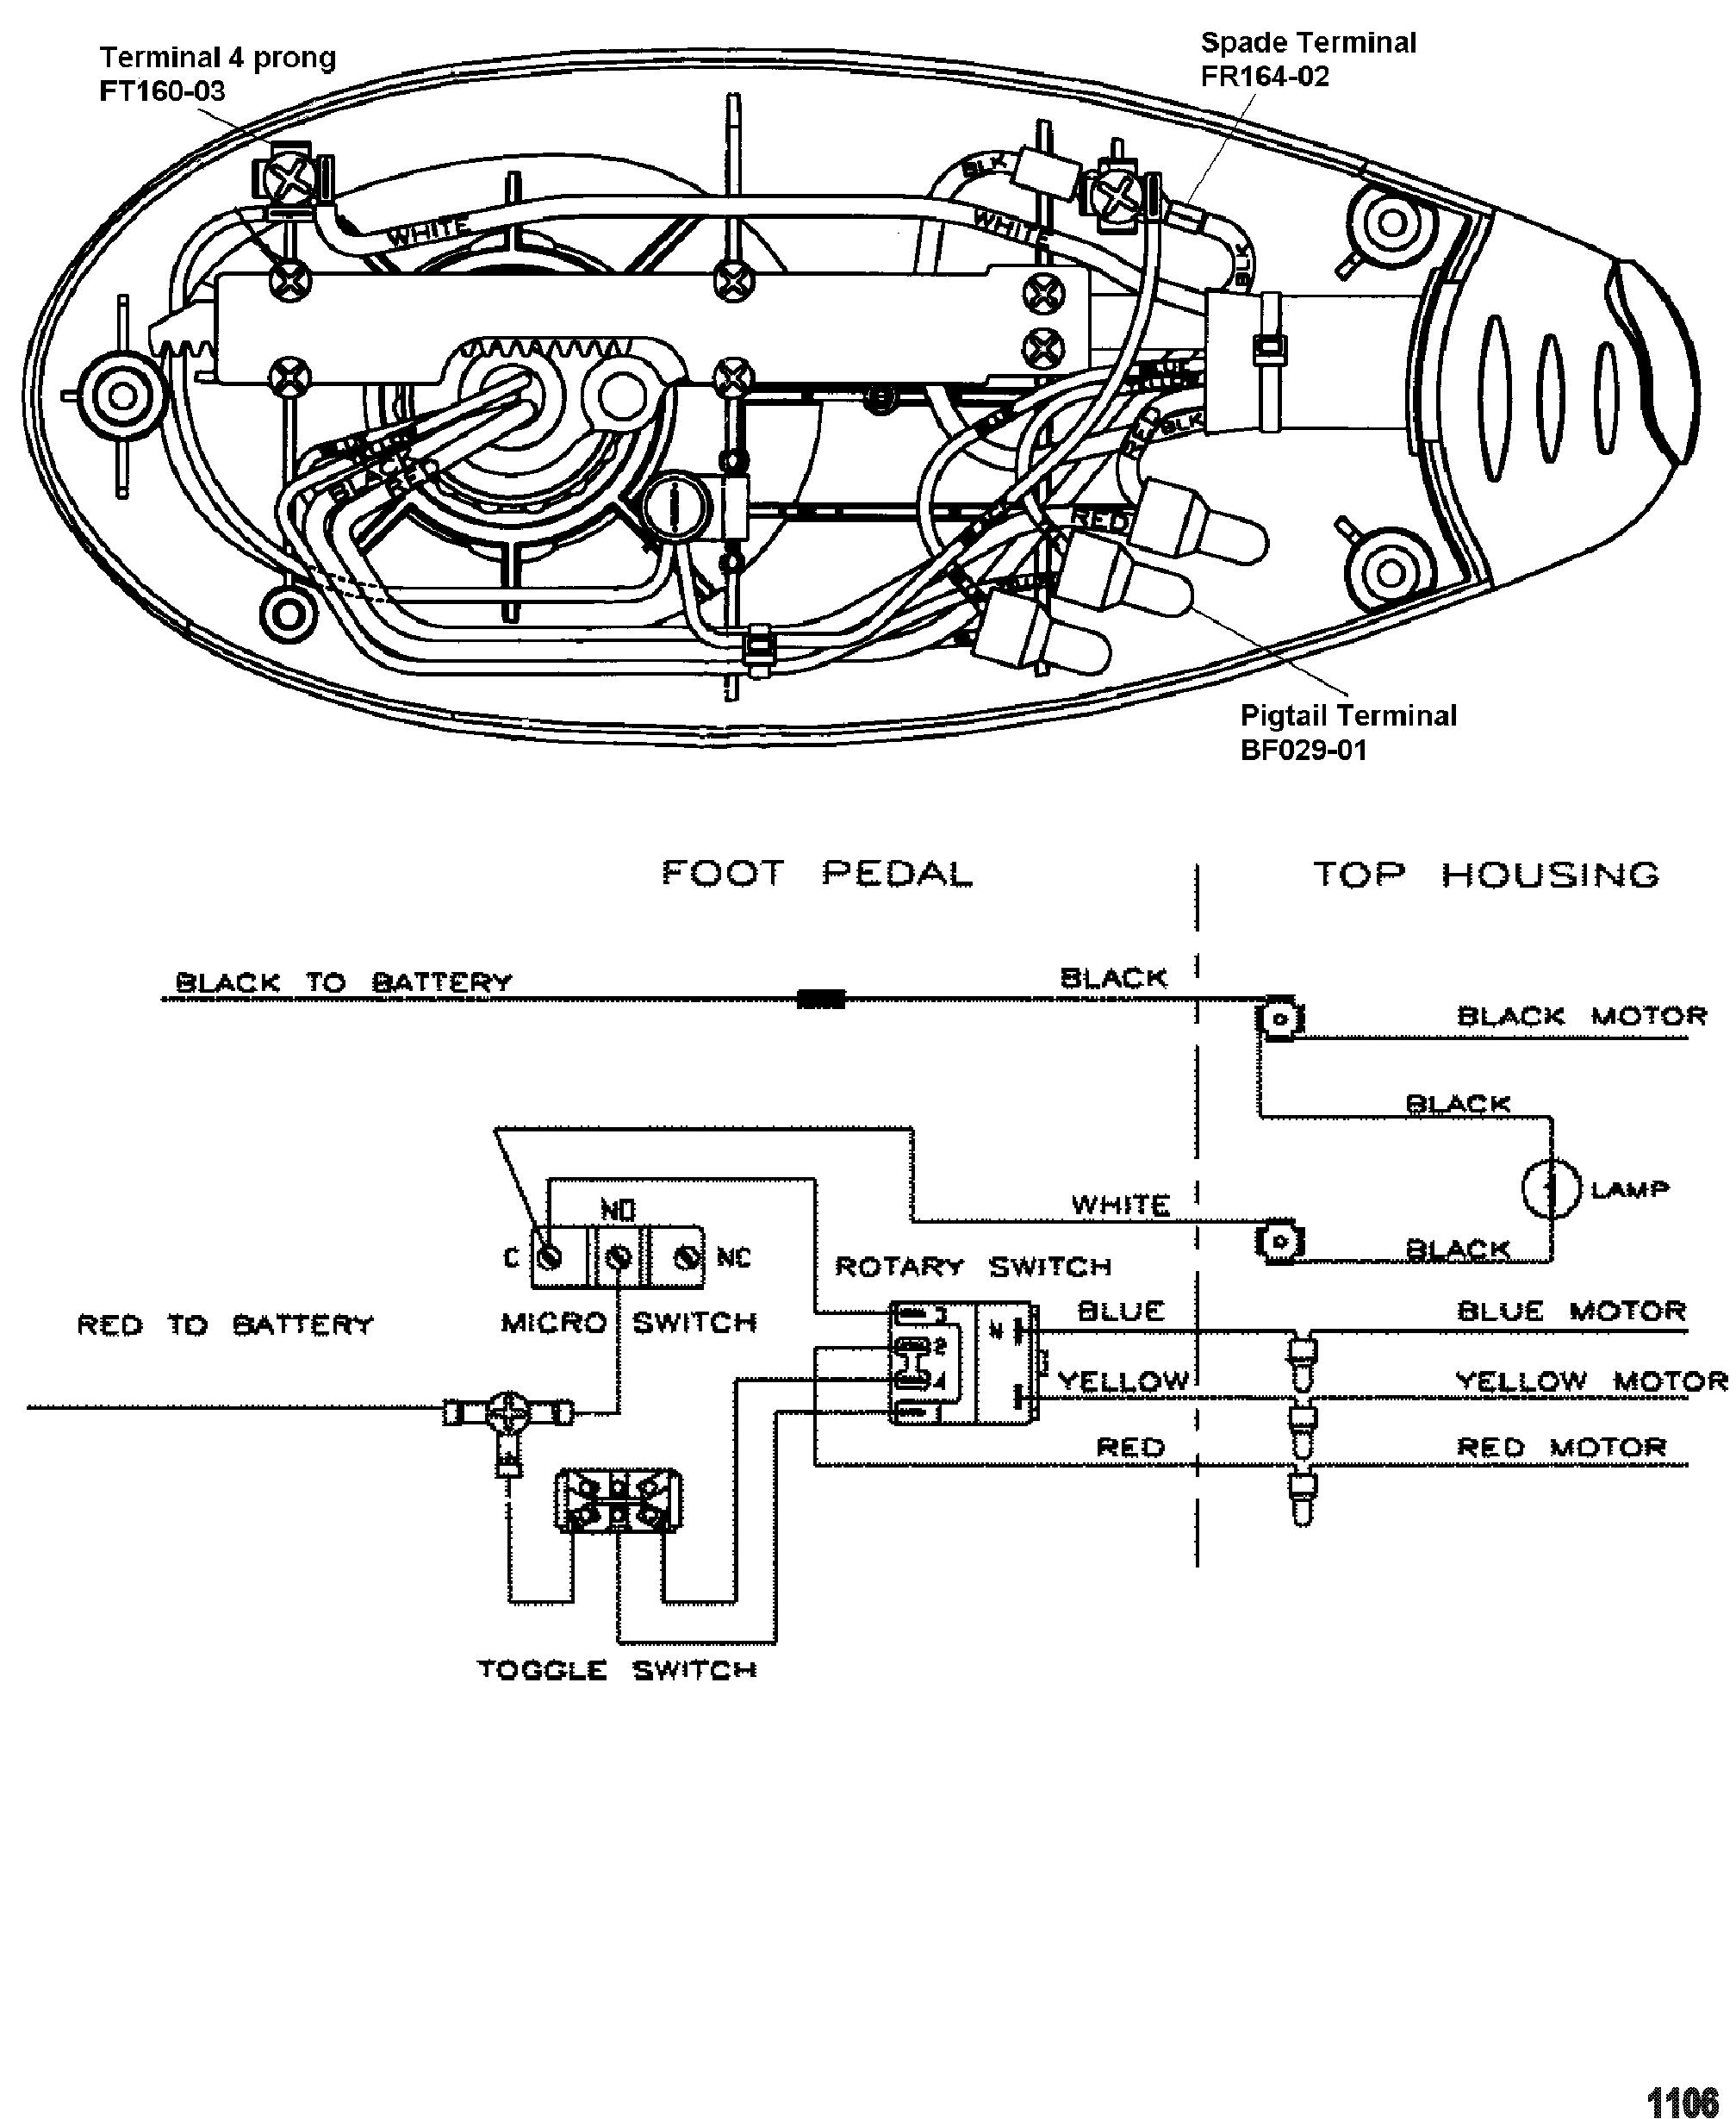 Trolling Motor Plug Mkr